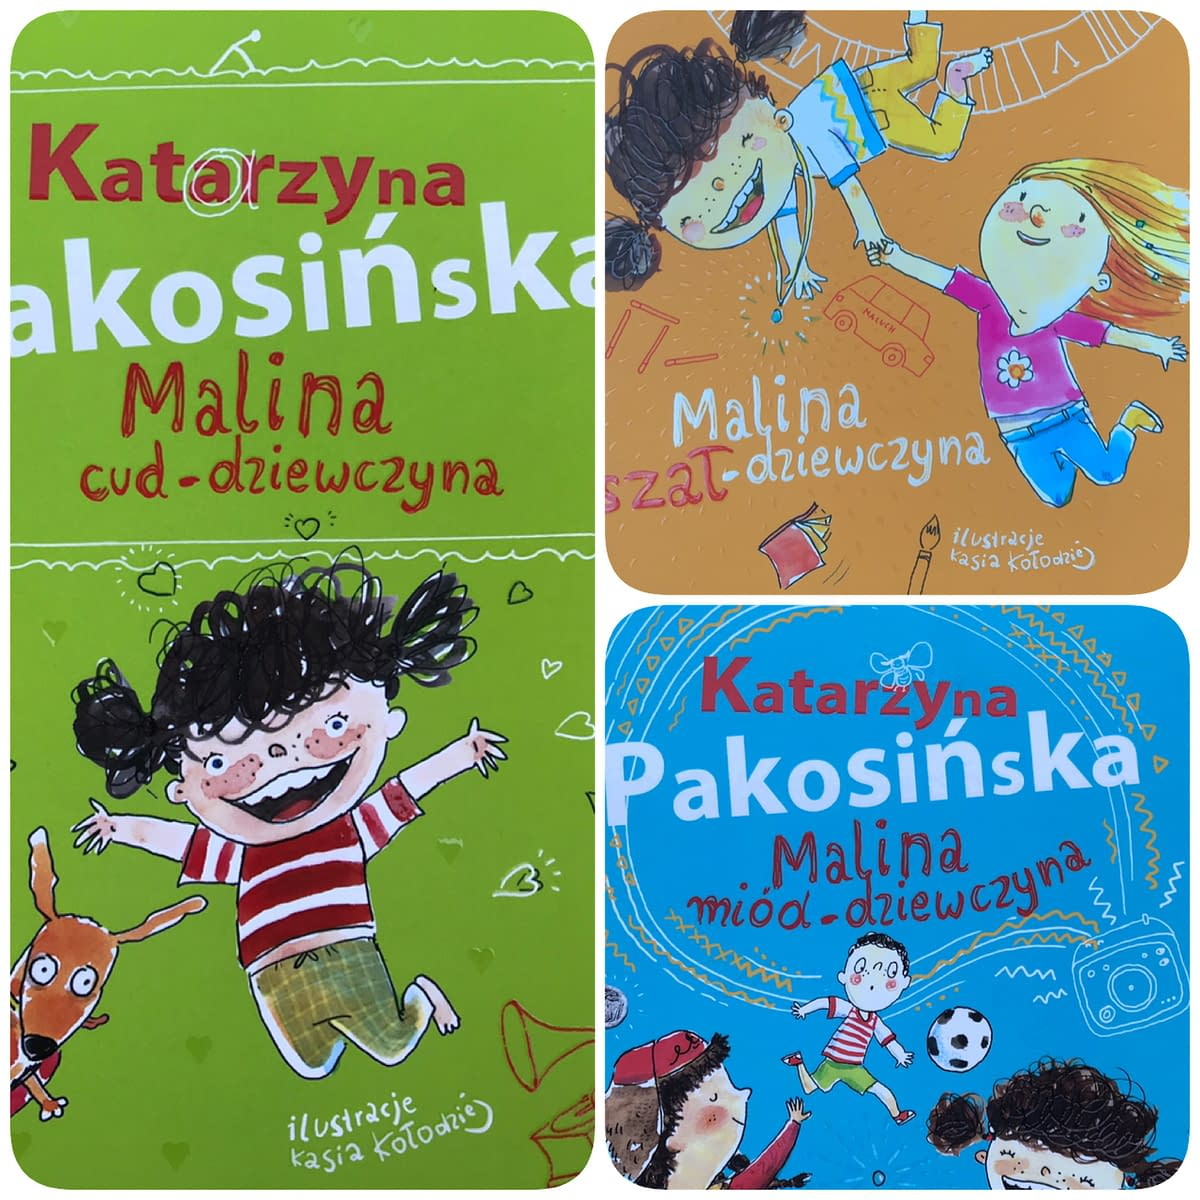 Malina Kofifi